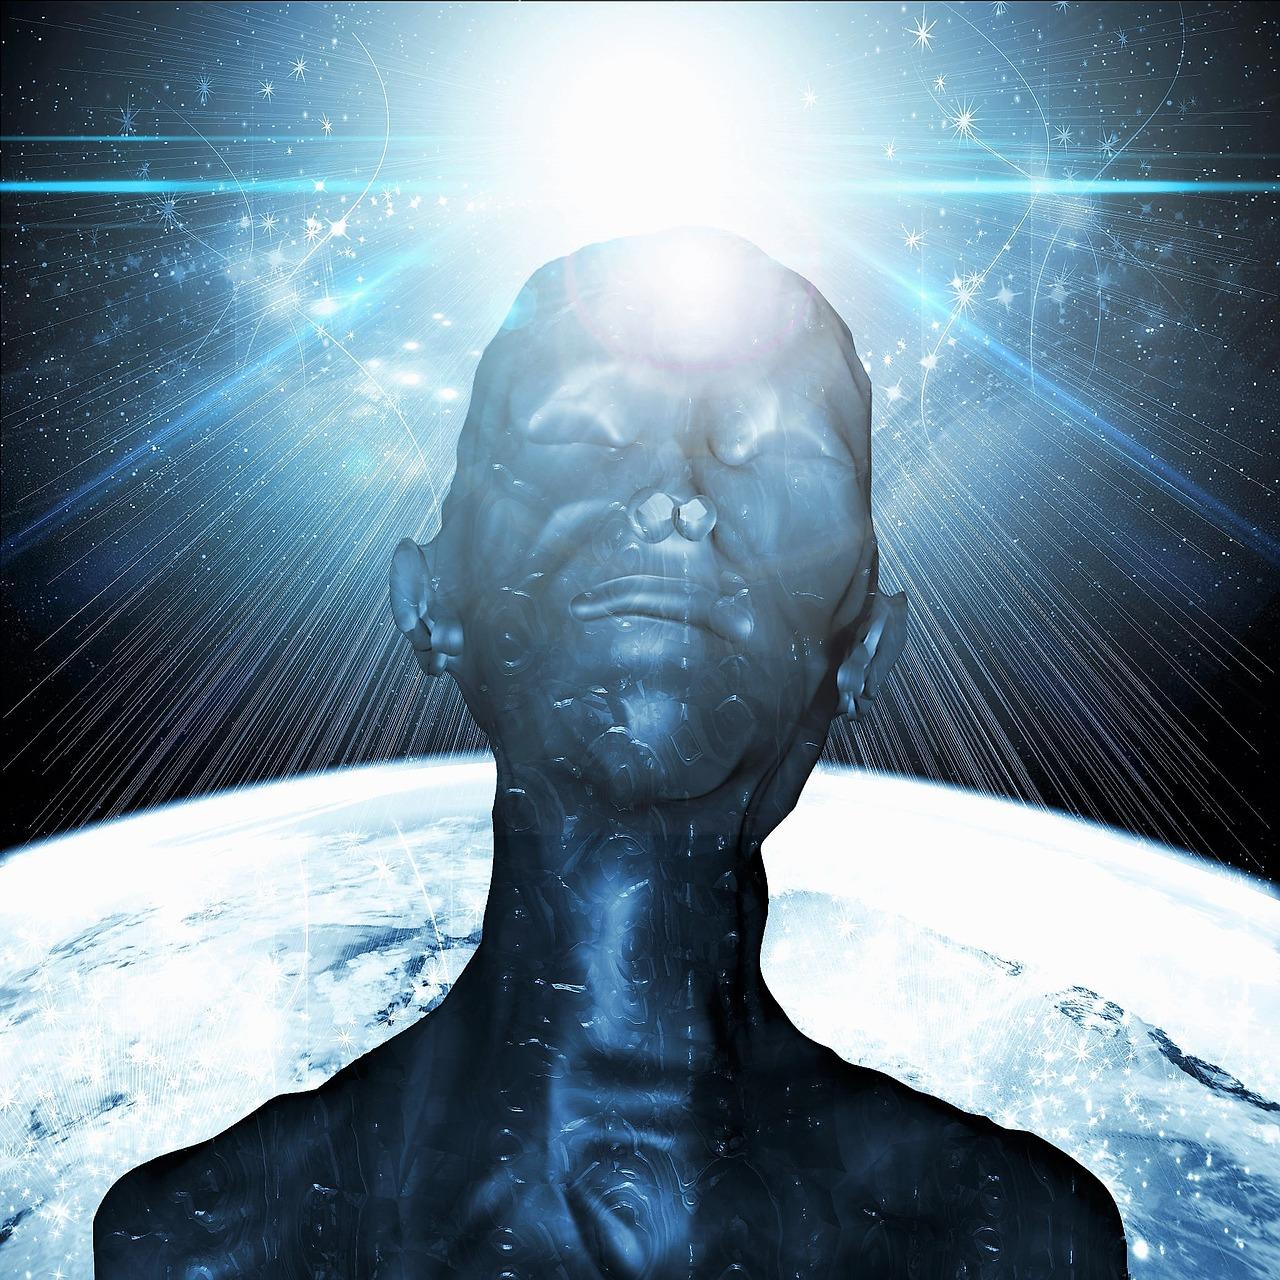 alien, light, atmosphere